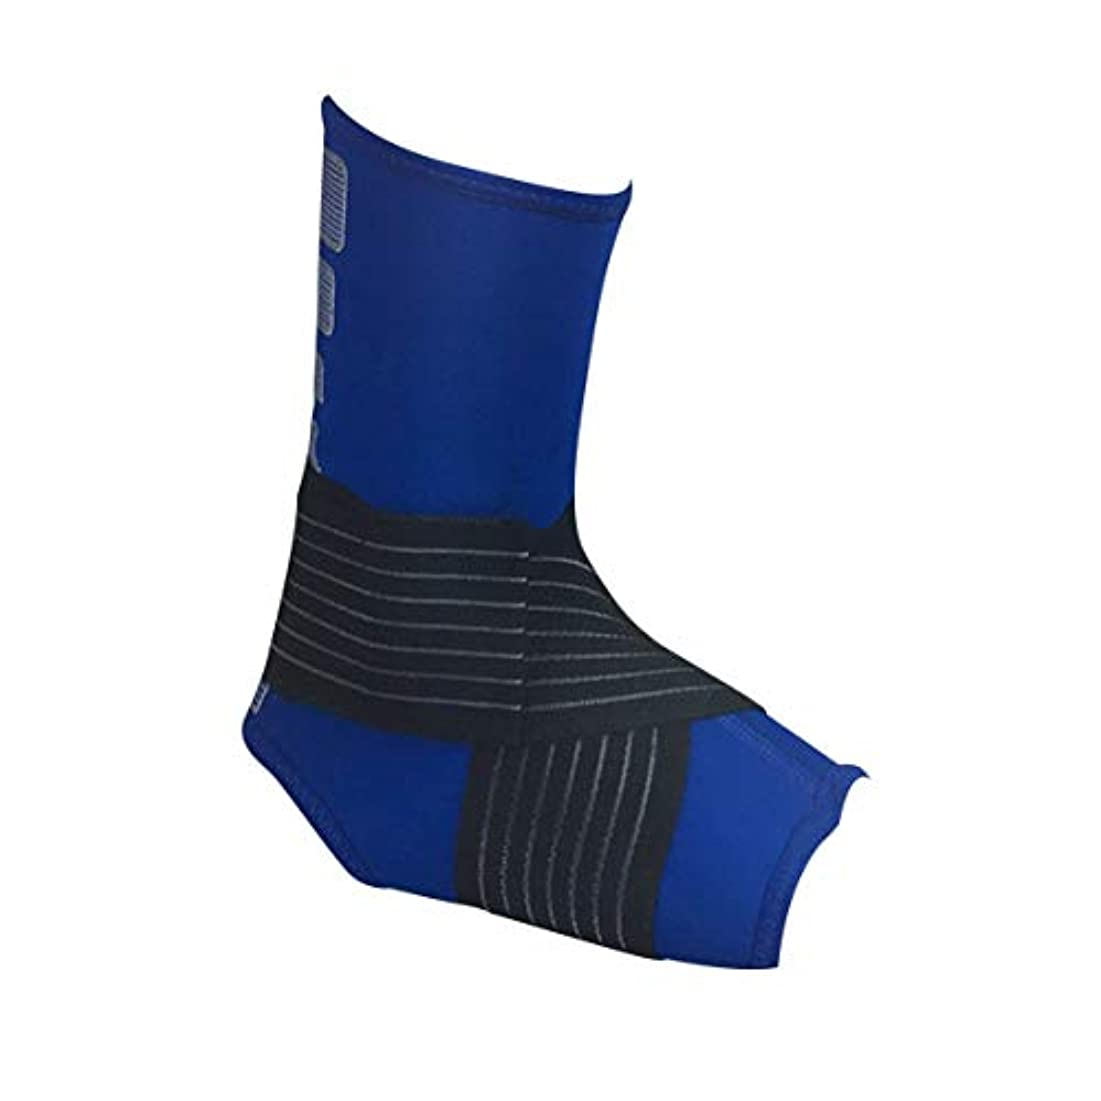 ロータリー殺します空洞足首フットパッド包帯ブレースサポート保護足首ガードパッド快適な足首袖ランニングフィットネスサイクリング